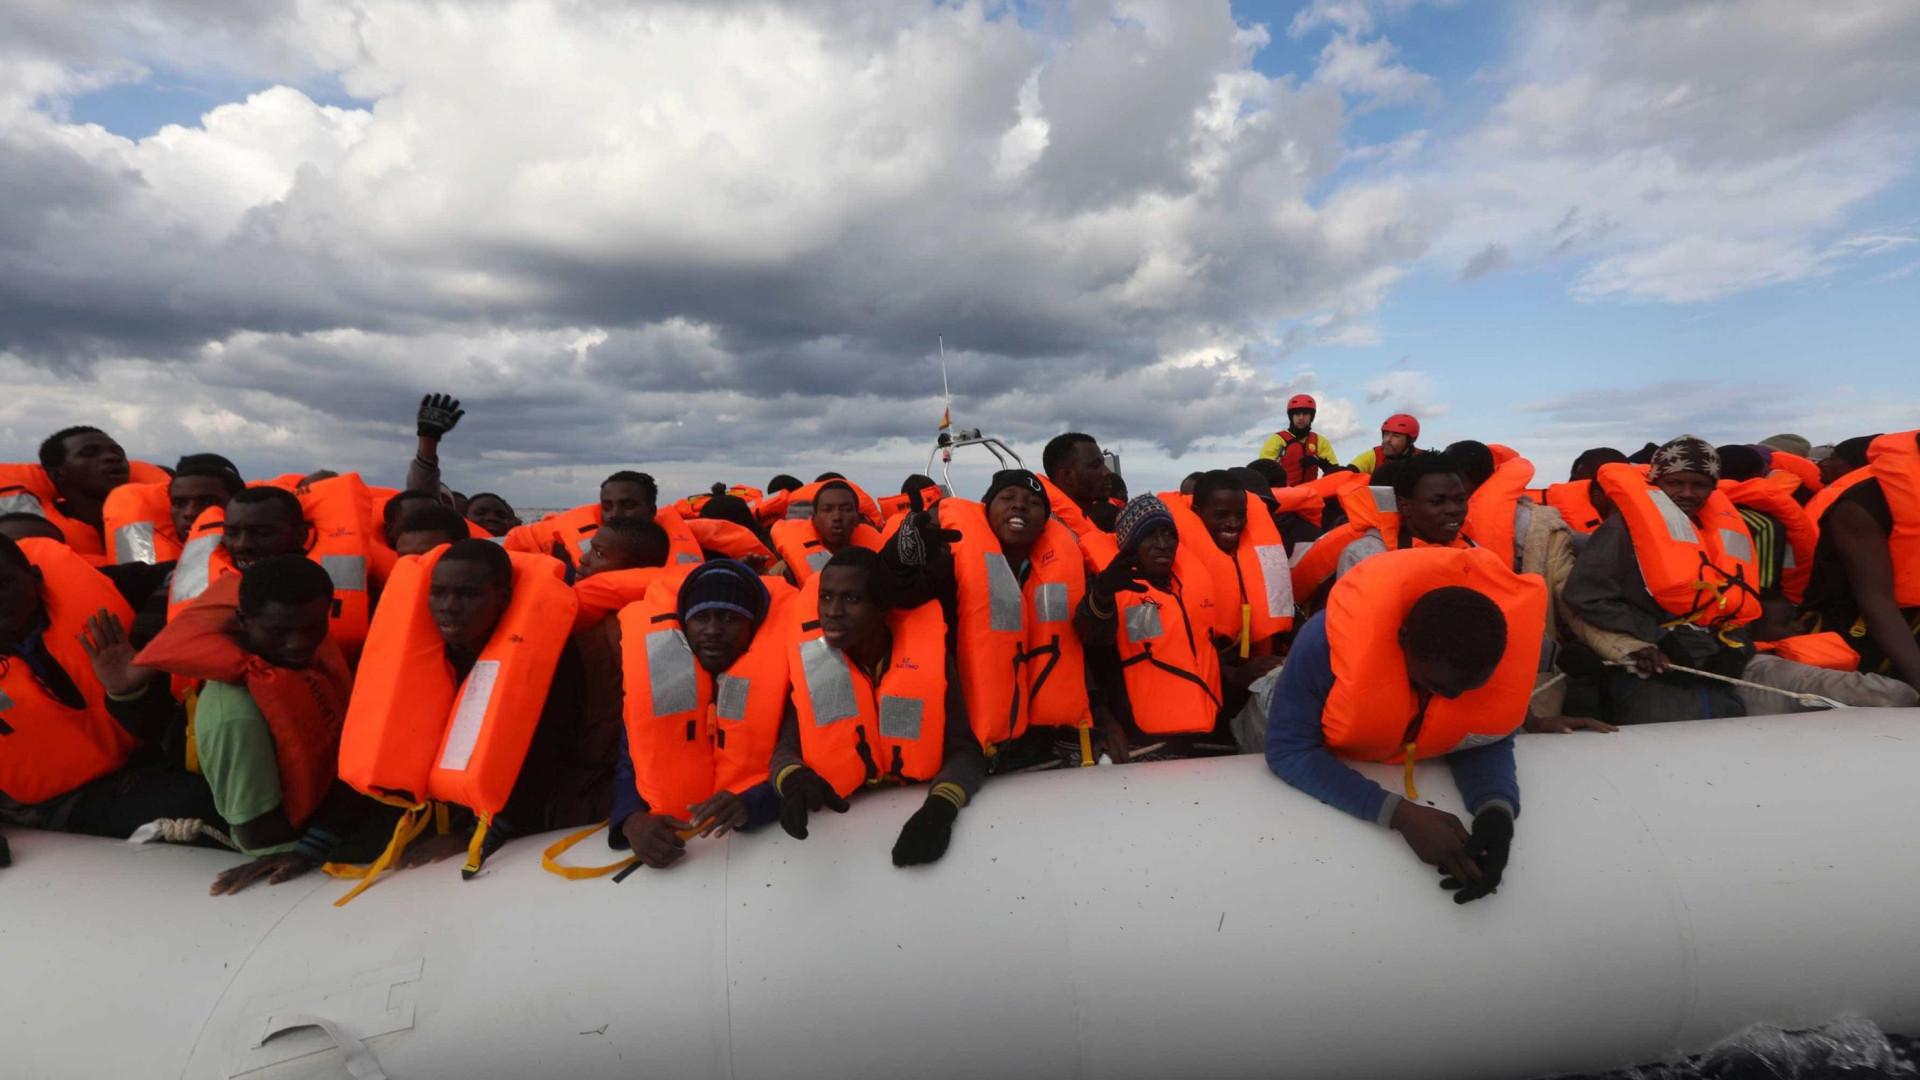 Migrações: Quase 800 imigrantes resgatados hoje na costa espanhola